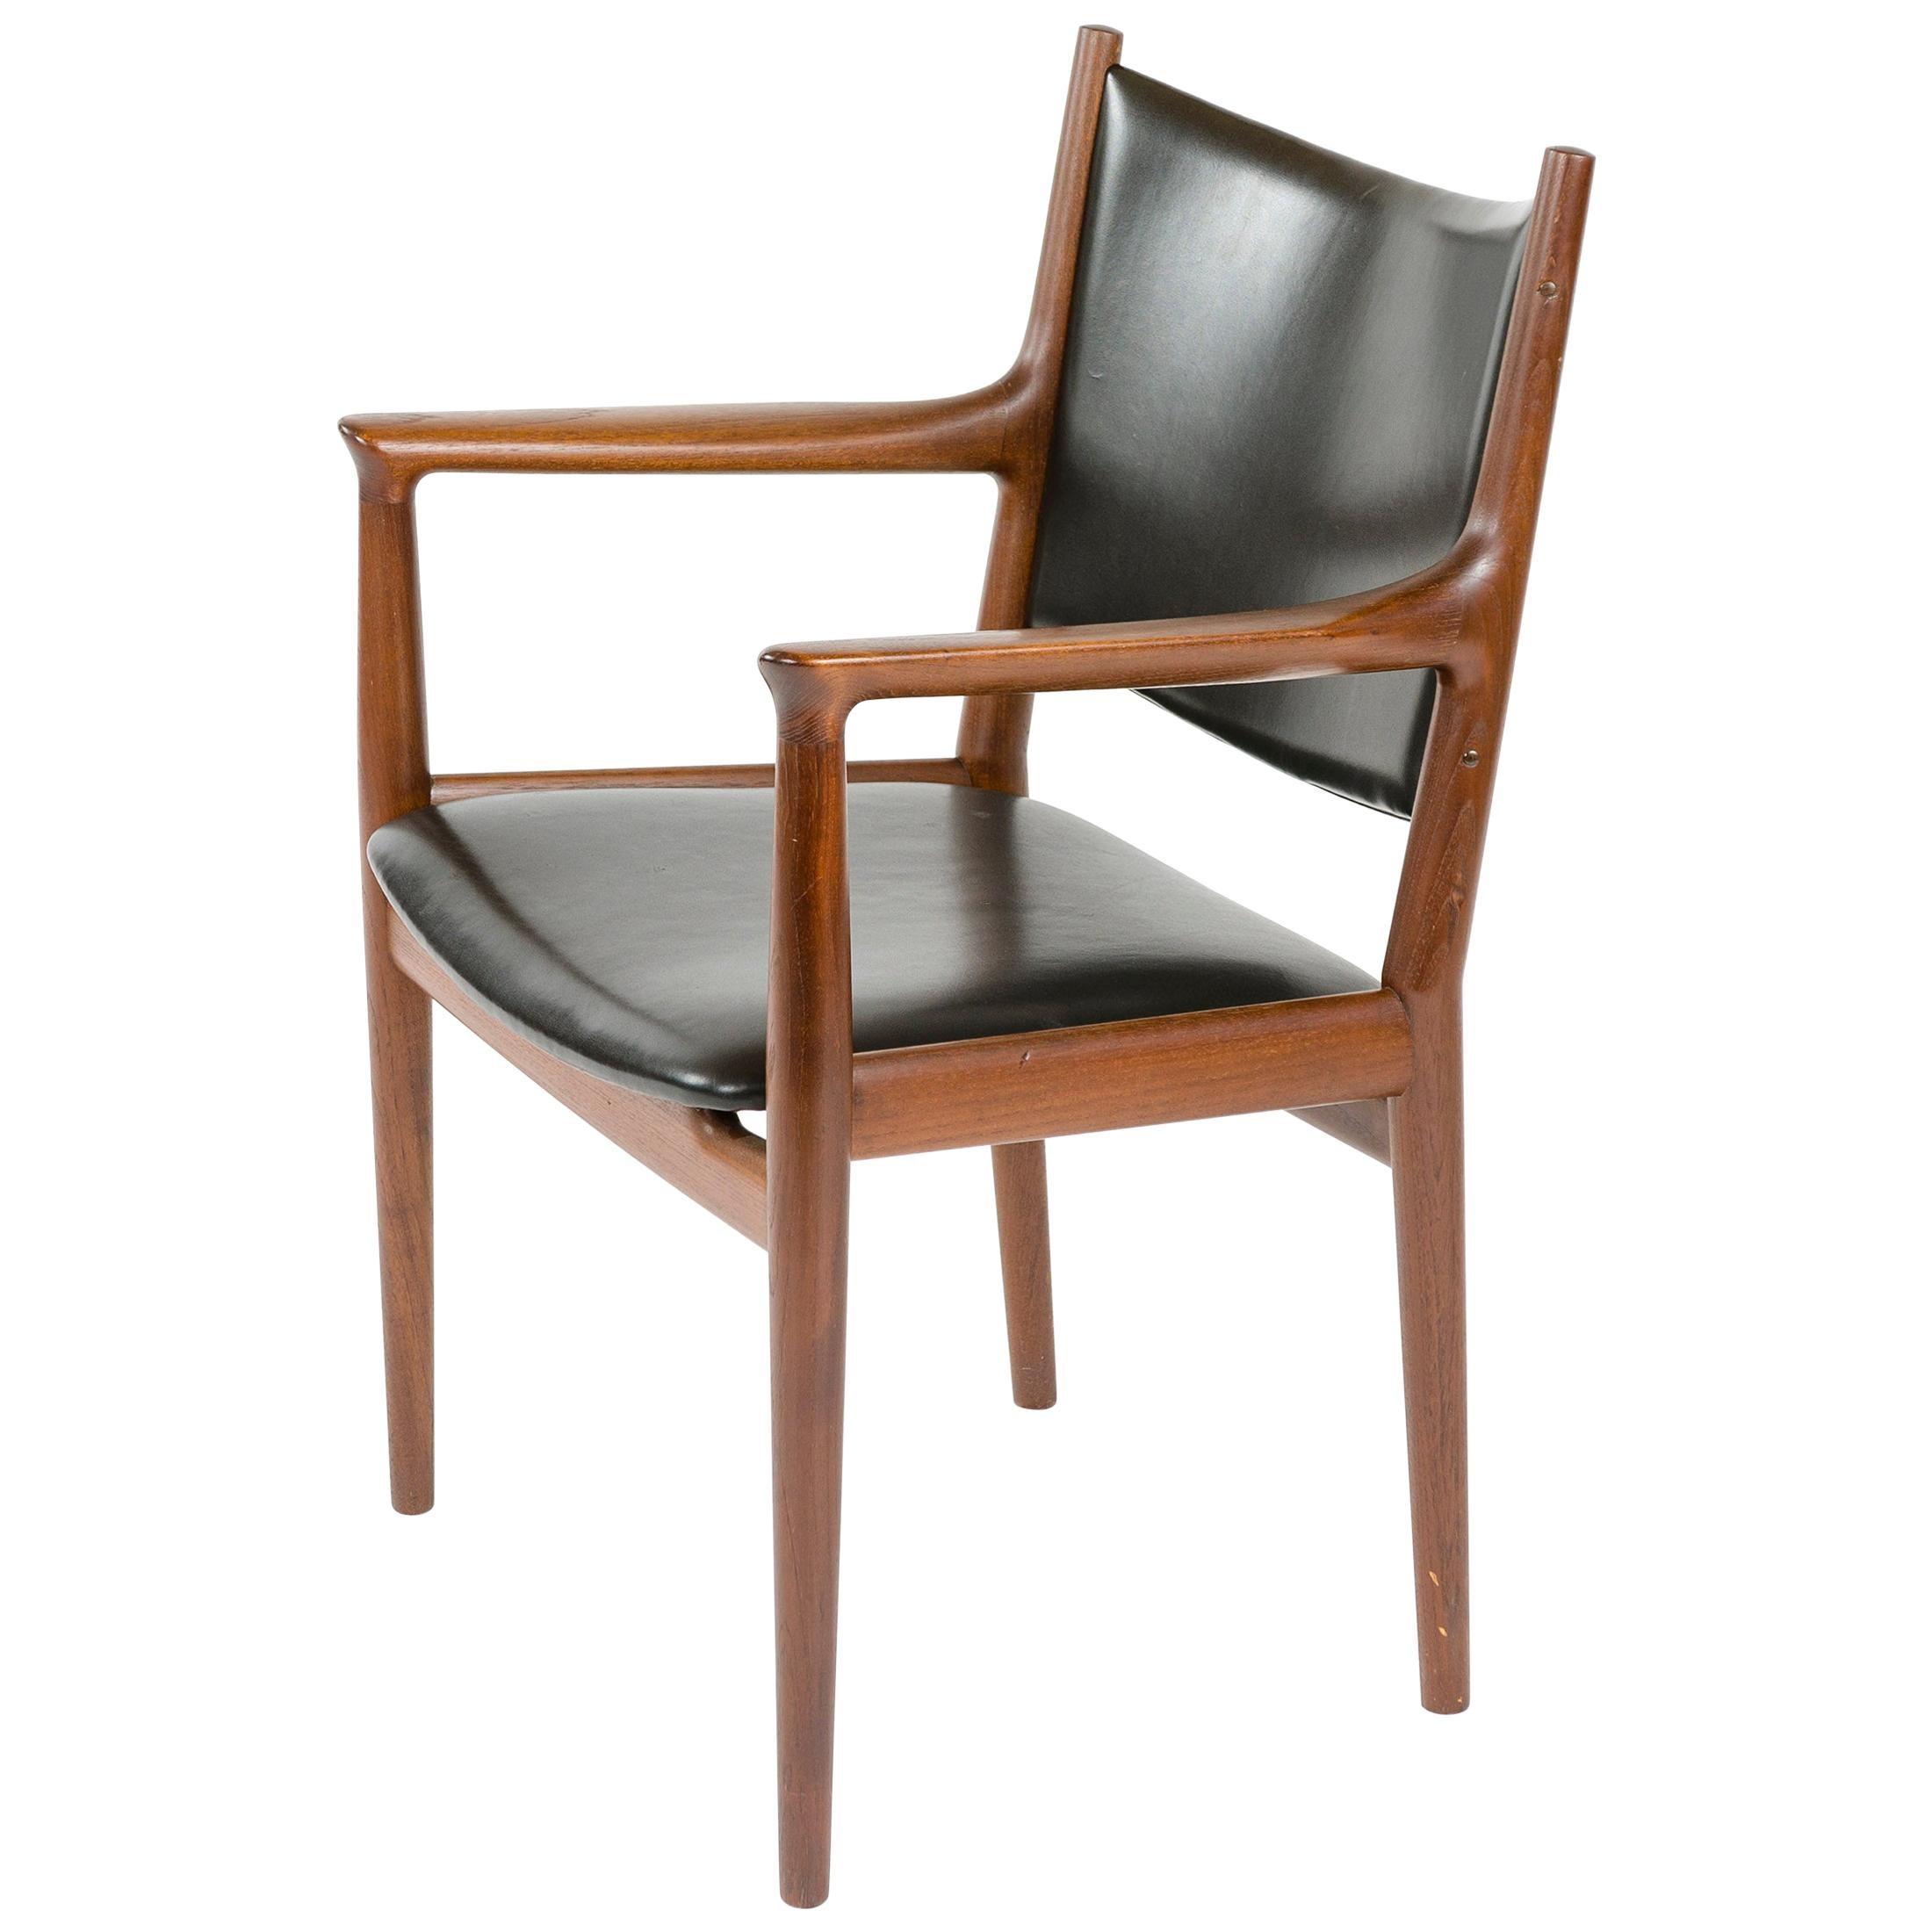 1960s Danish Teak Dining Chair by Hans J. Wegner for Johannes Hansen